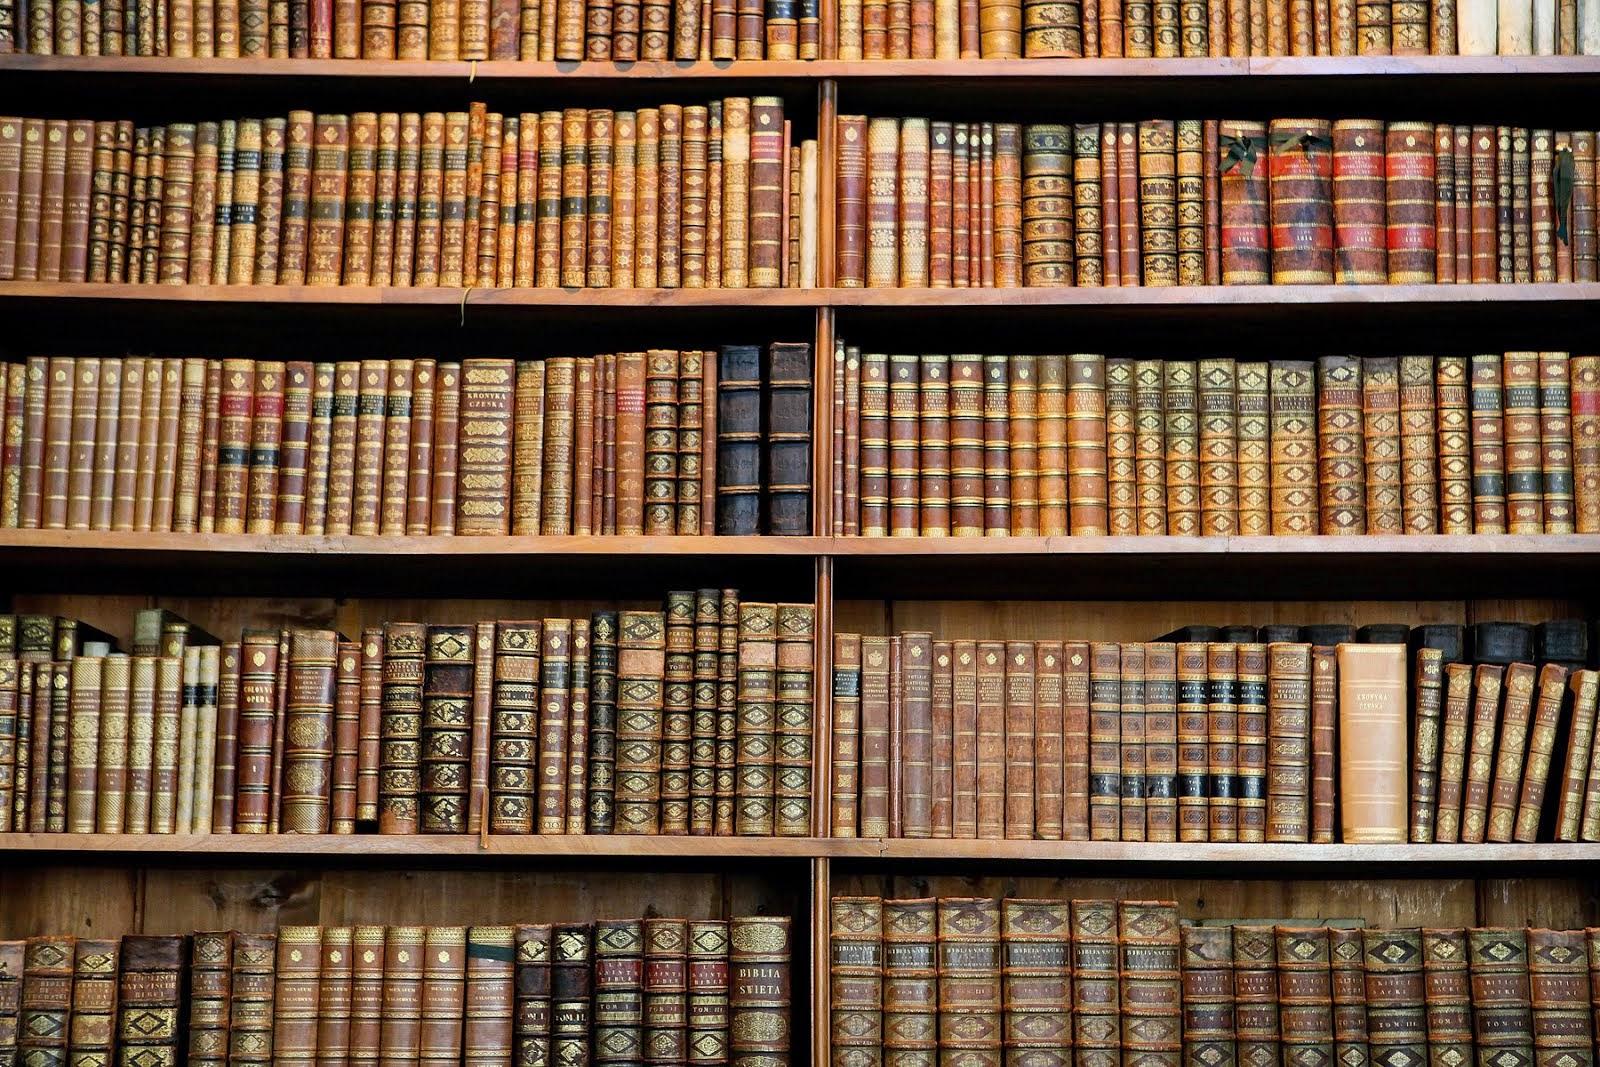 Σημειώσεις Κατατακτηρίων Νομικής